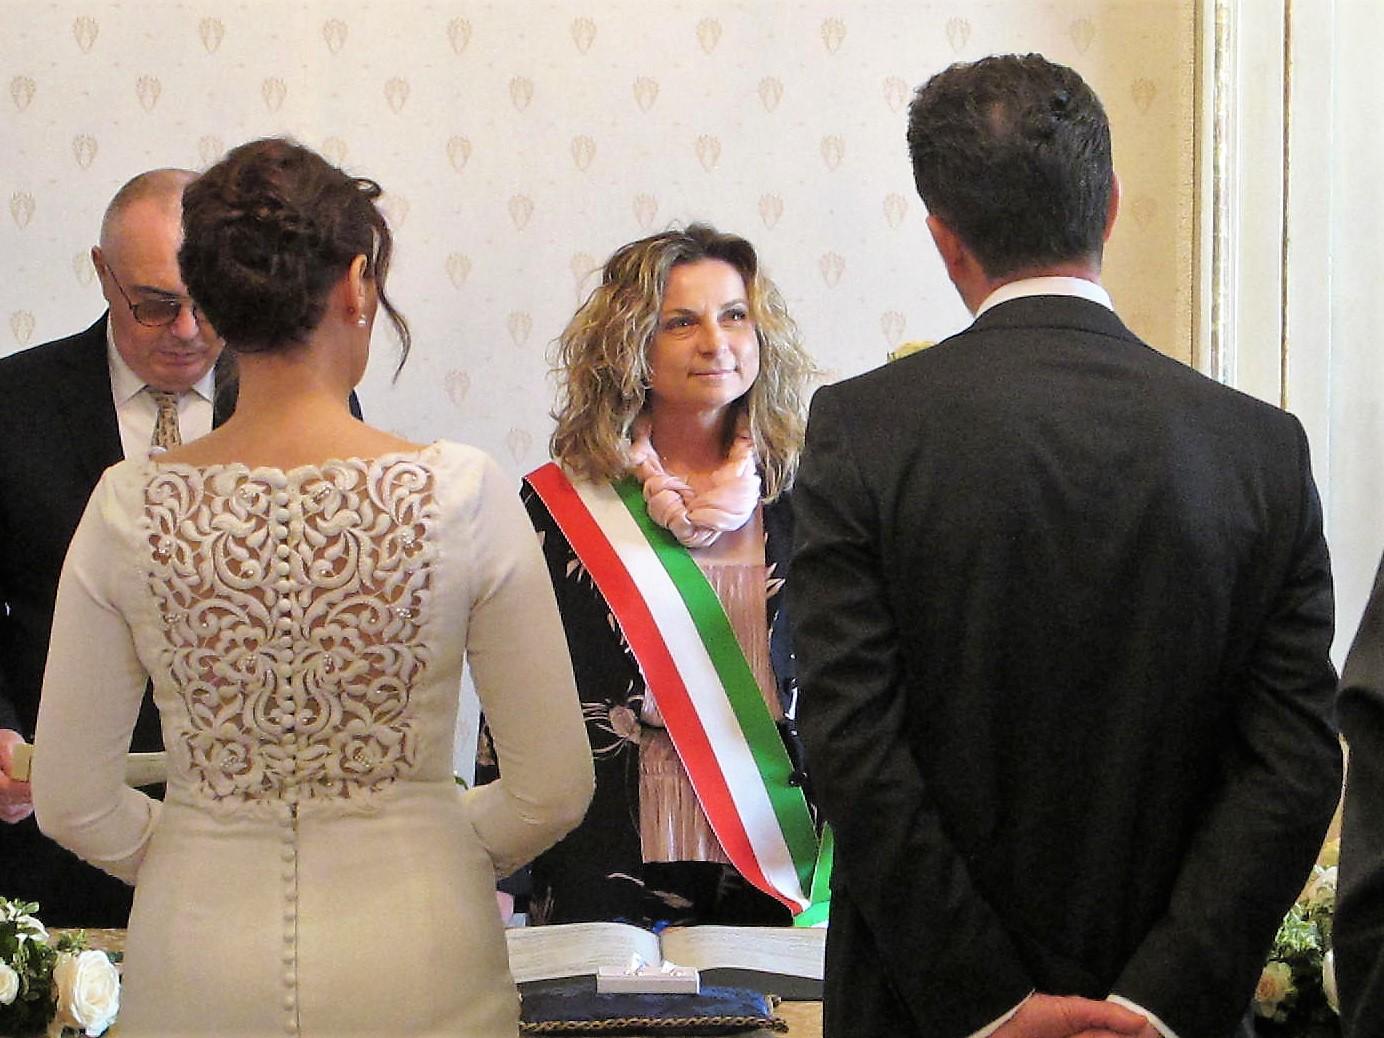 Fotonotizia celebrato il primo matrimonio nella sala for Sala degli sposi